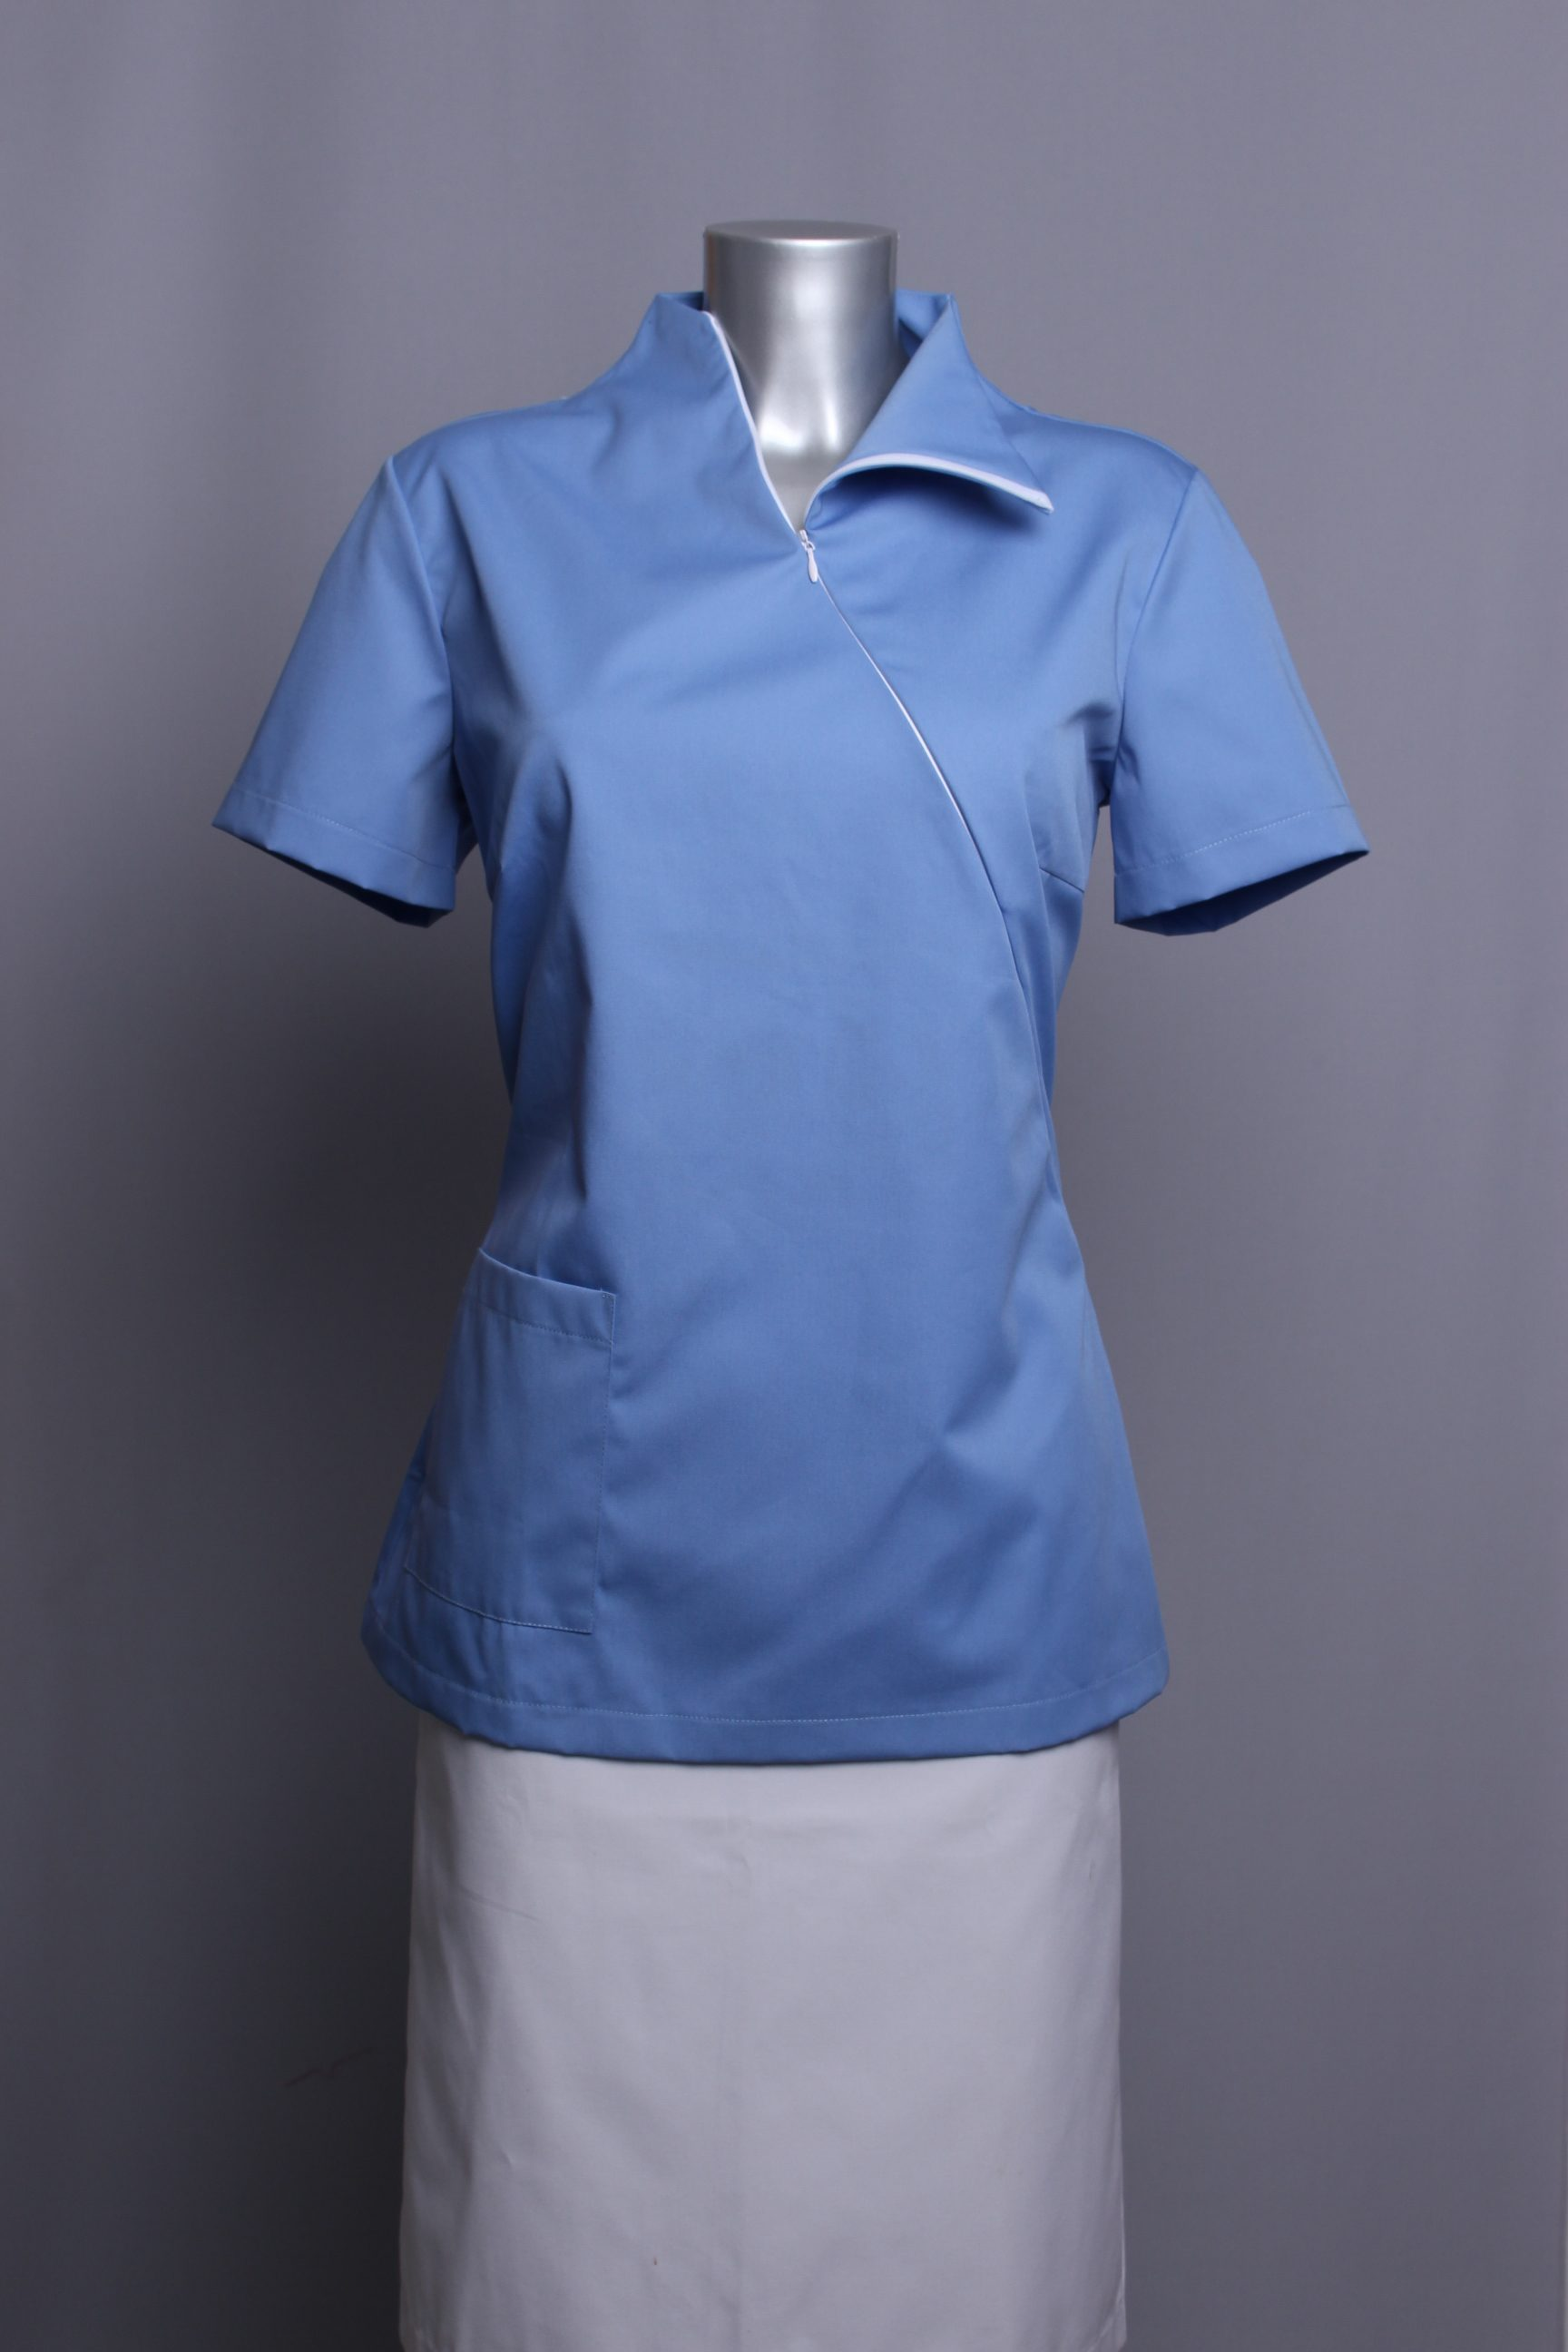 medical and nurseuniforms